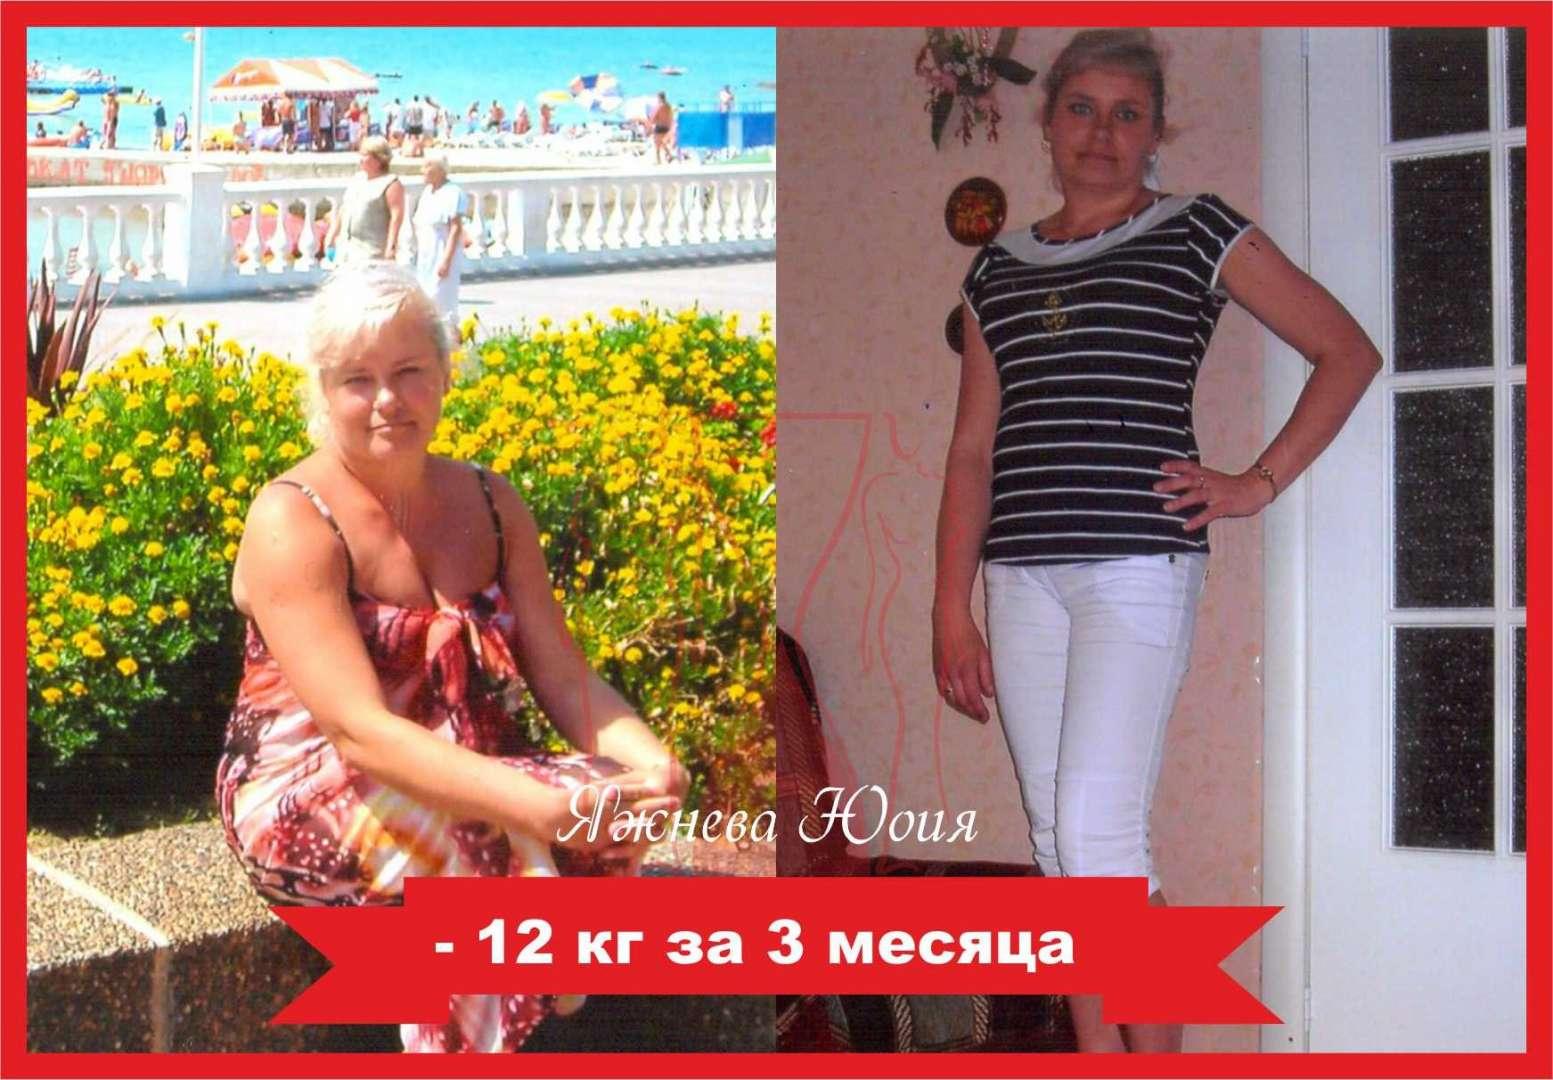 Белгород Центр Похудения. Худеем — цель!